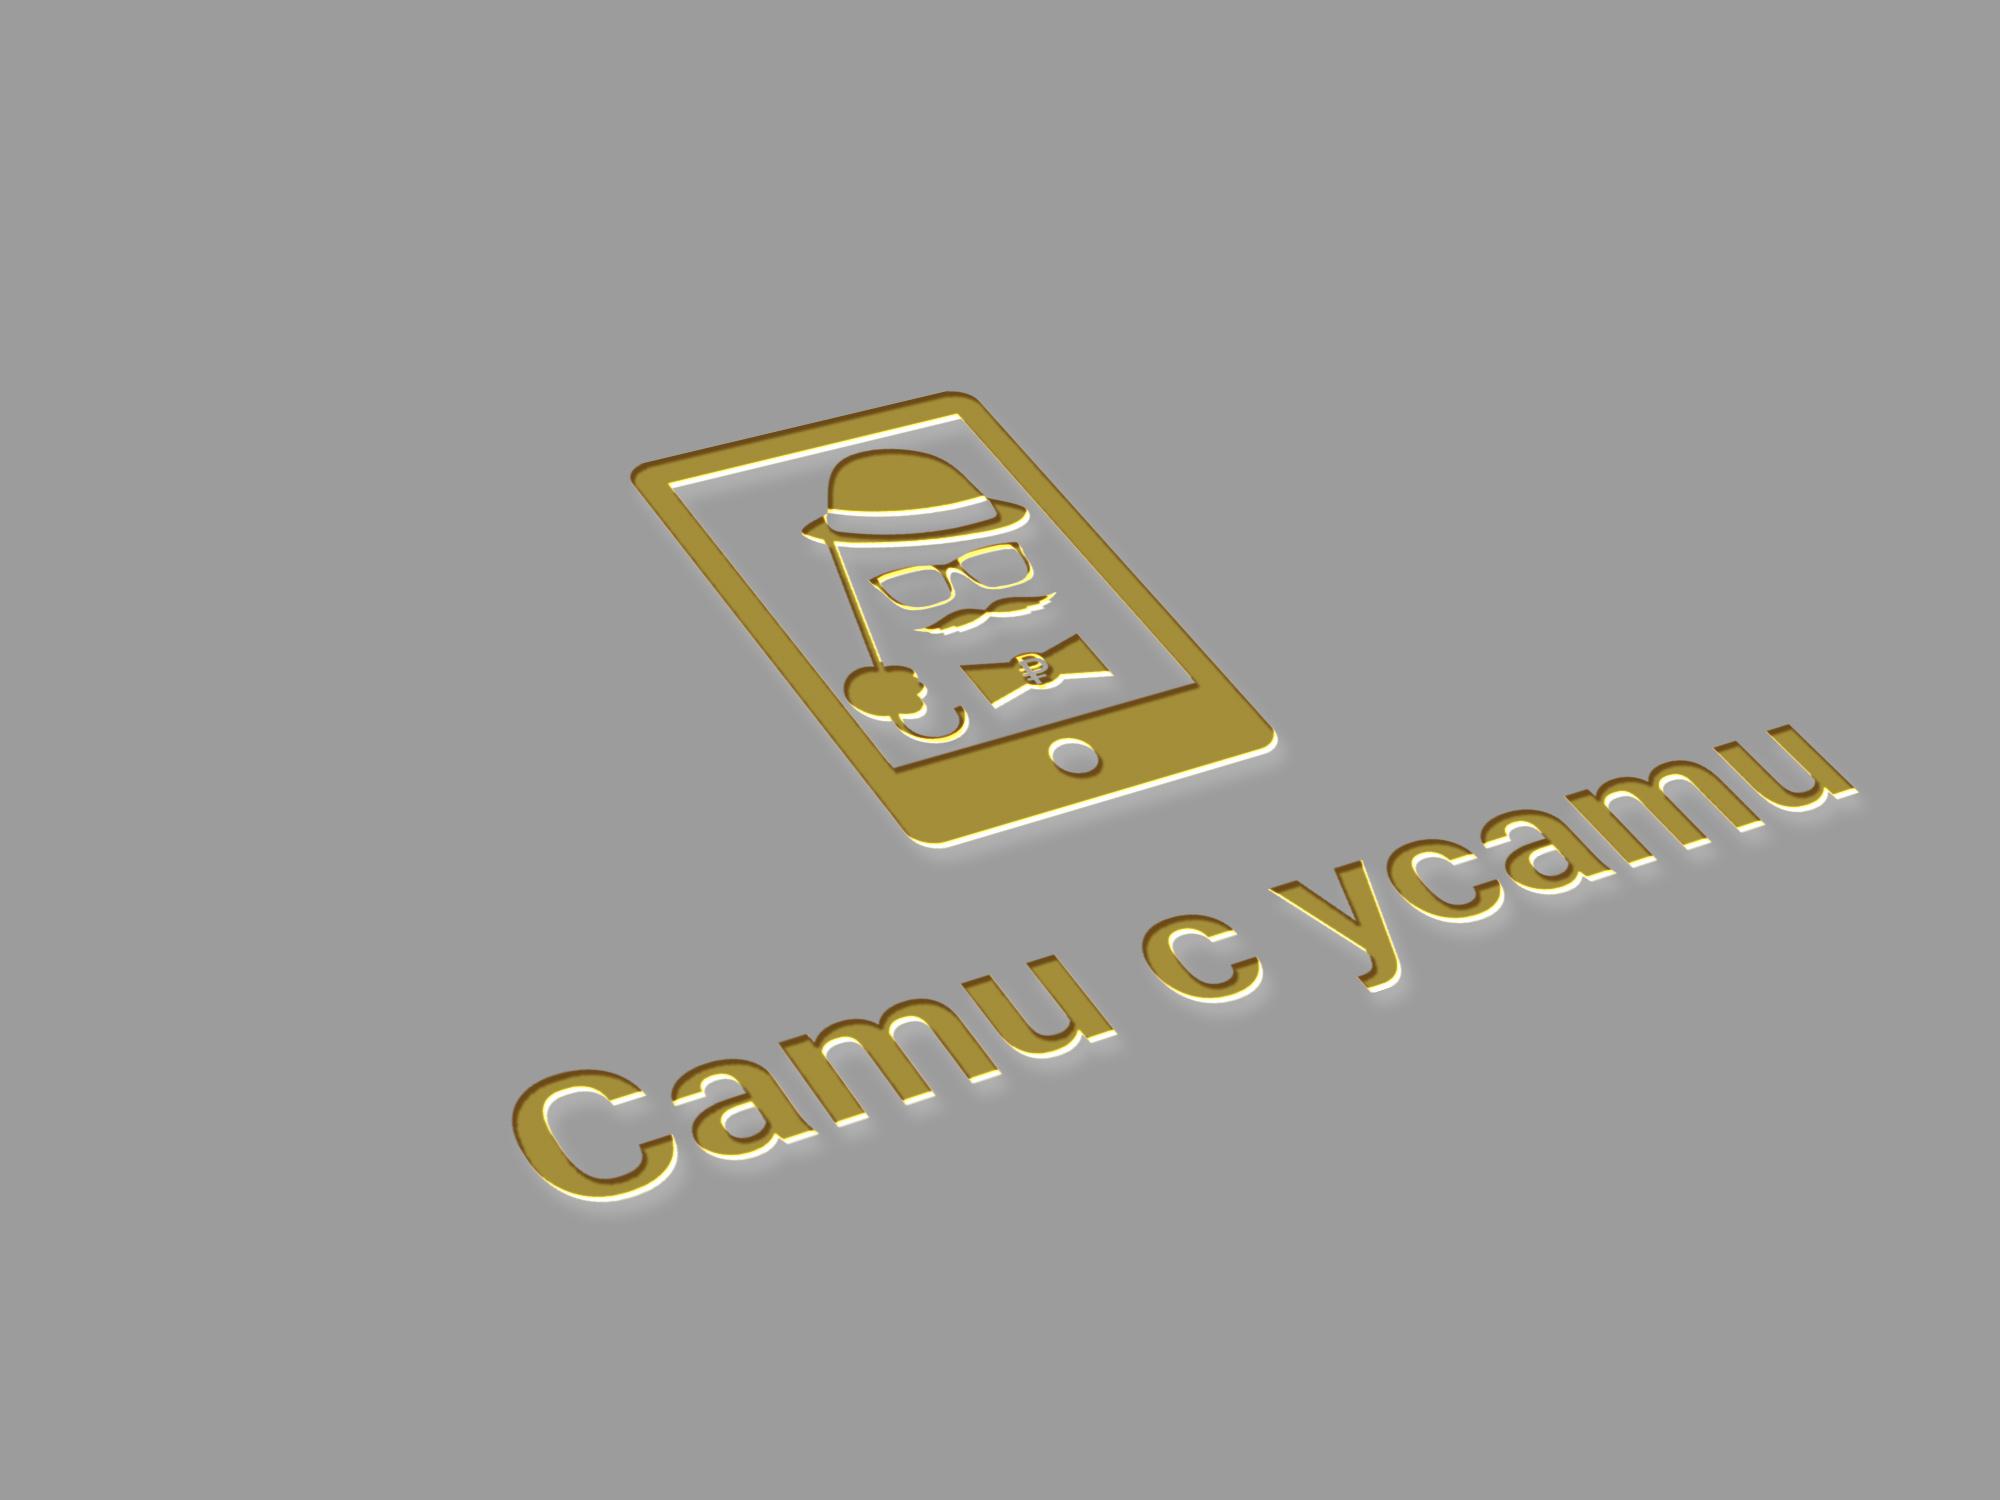 Разработка Логотипа 6 000 руб. фото f_73258f69557bc8f7.jpg